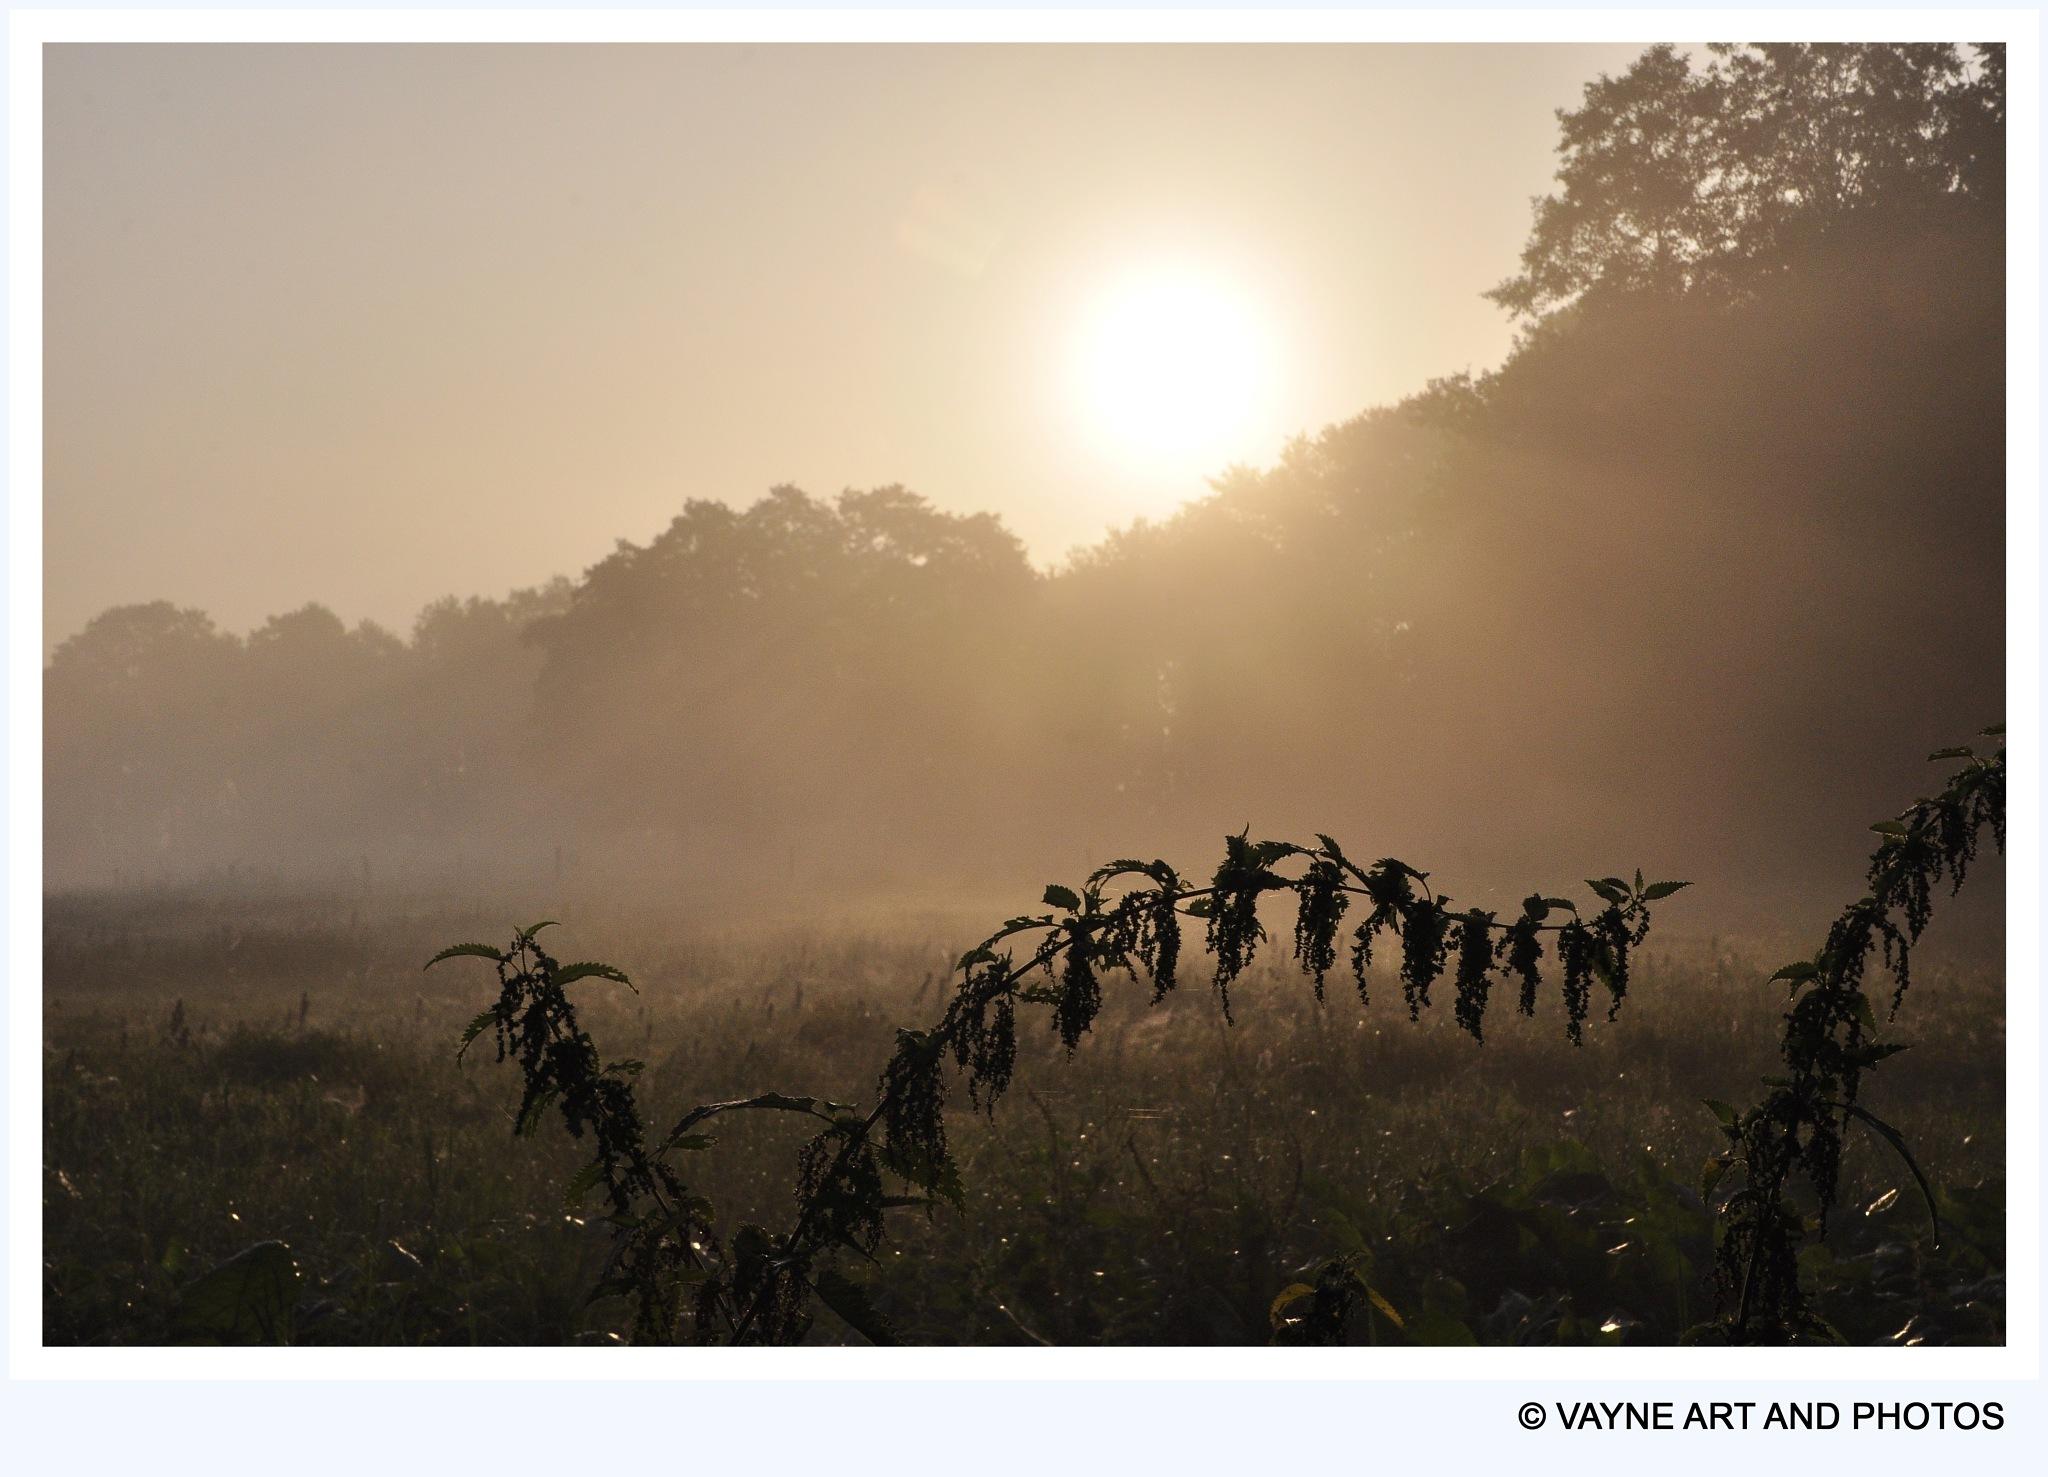 Sunset by Jacob van der Veen